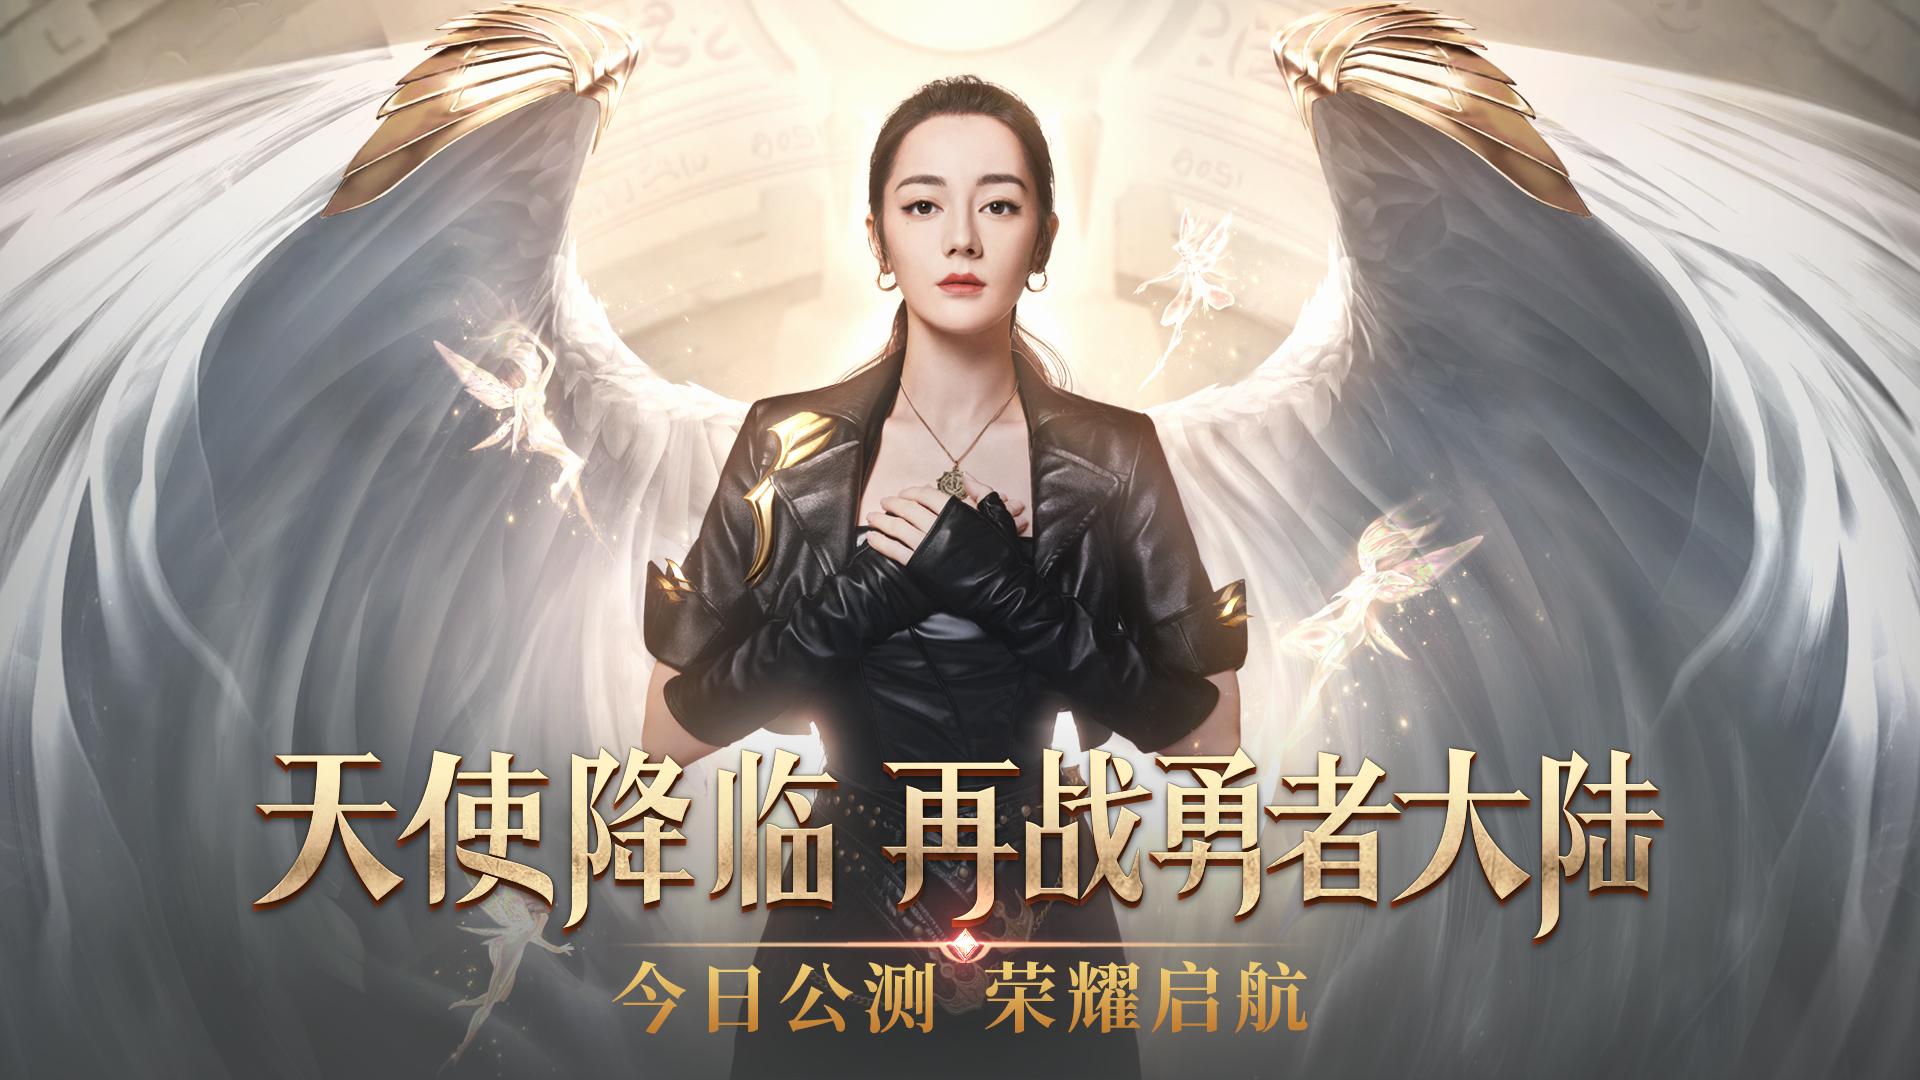 荣耀大天使官方版截图